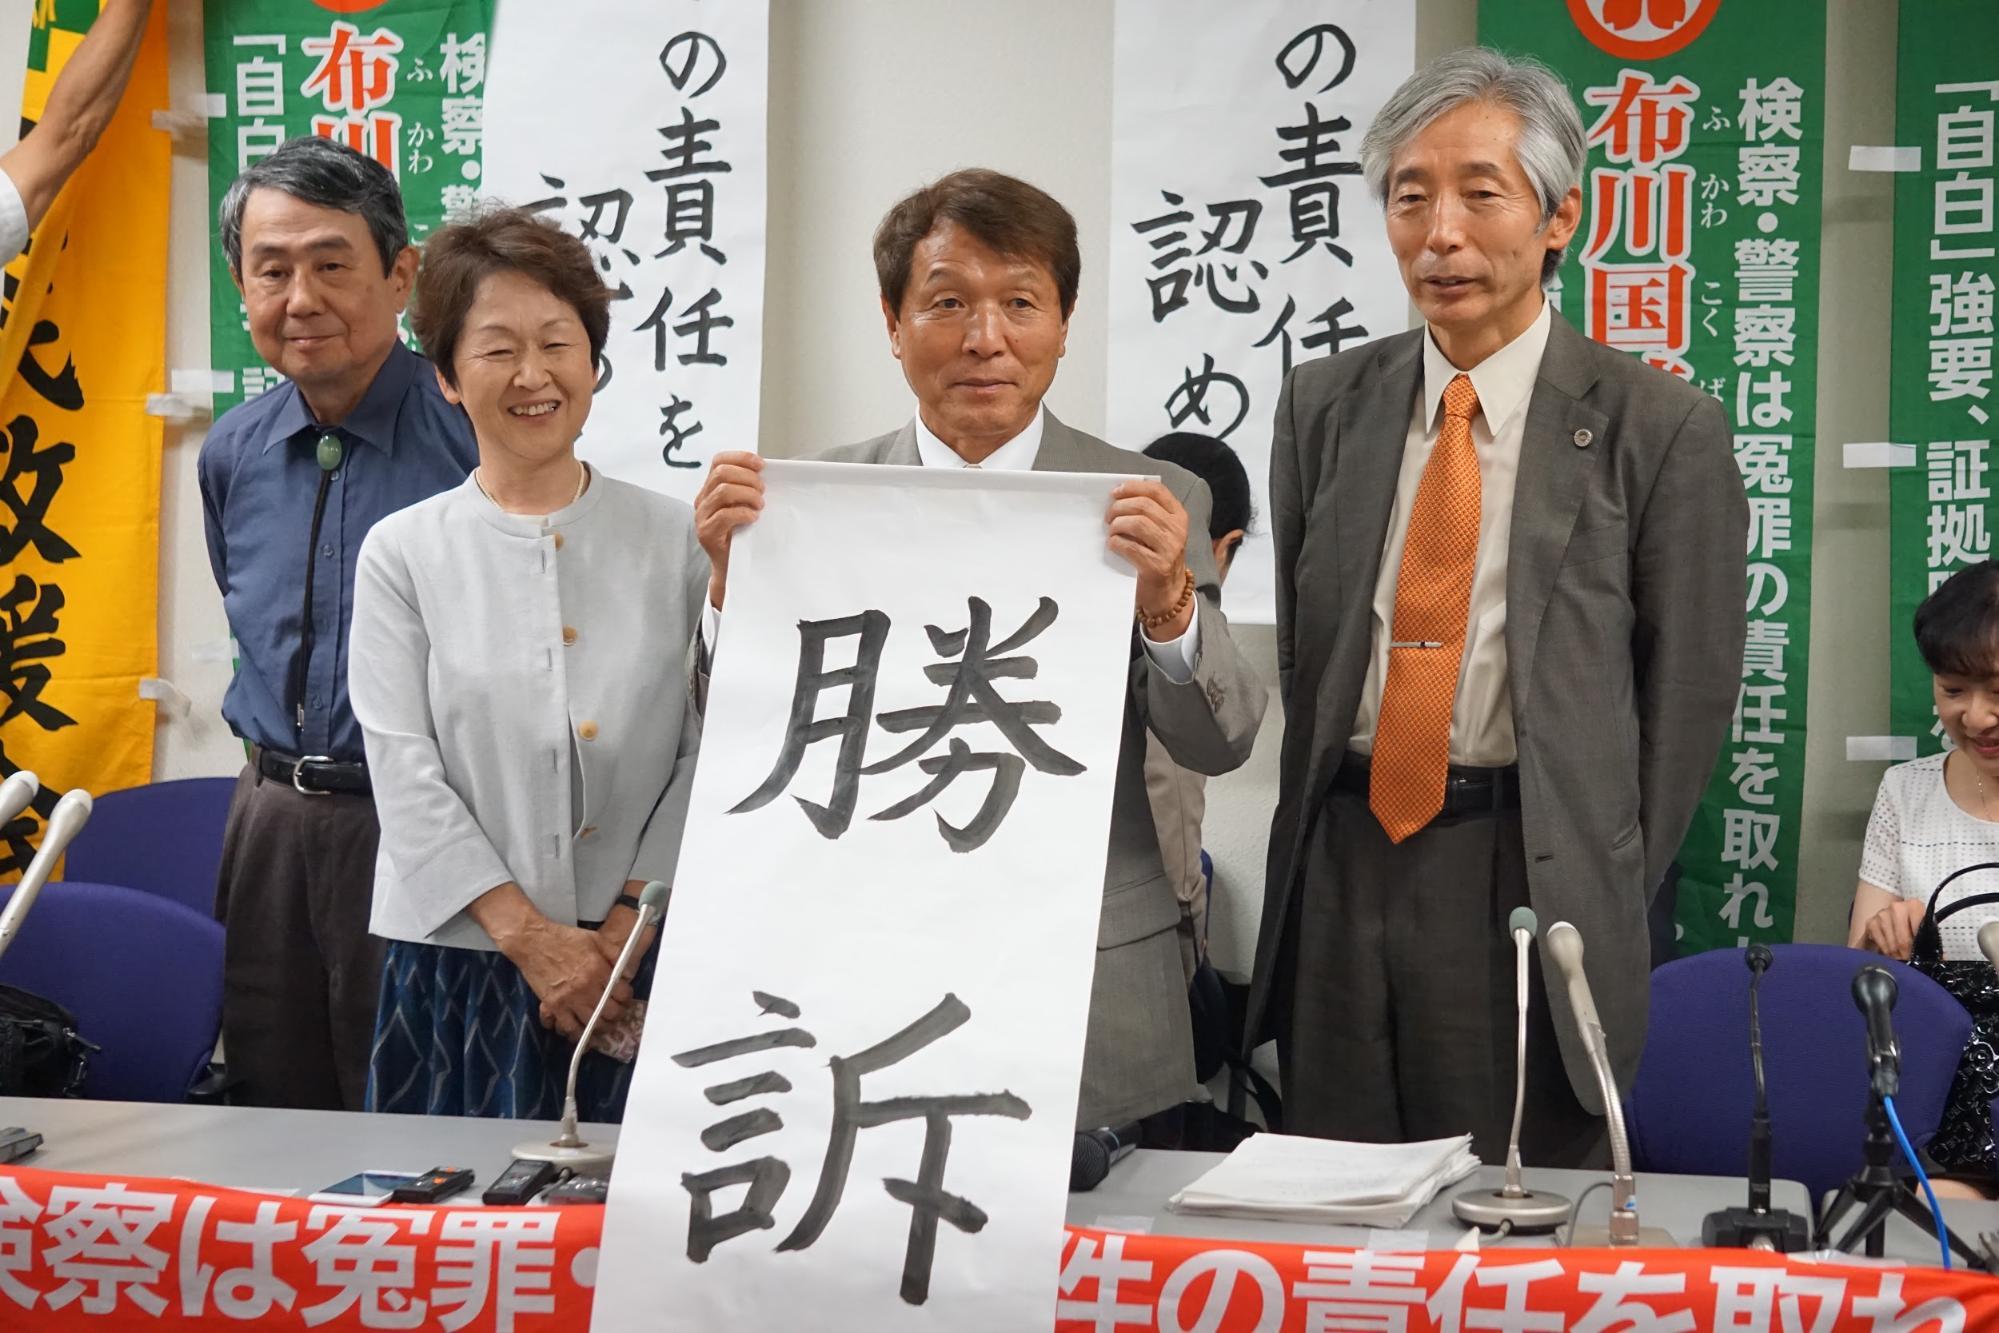 勝訴を喜ぶ桜井さん夫妻ら(2019年5月27日、編集部撮影、弁護士会館)